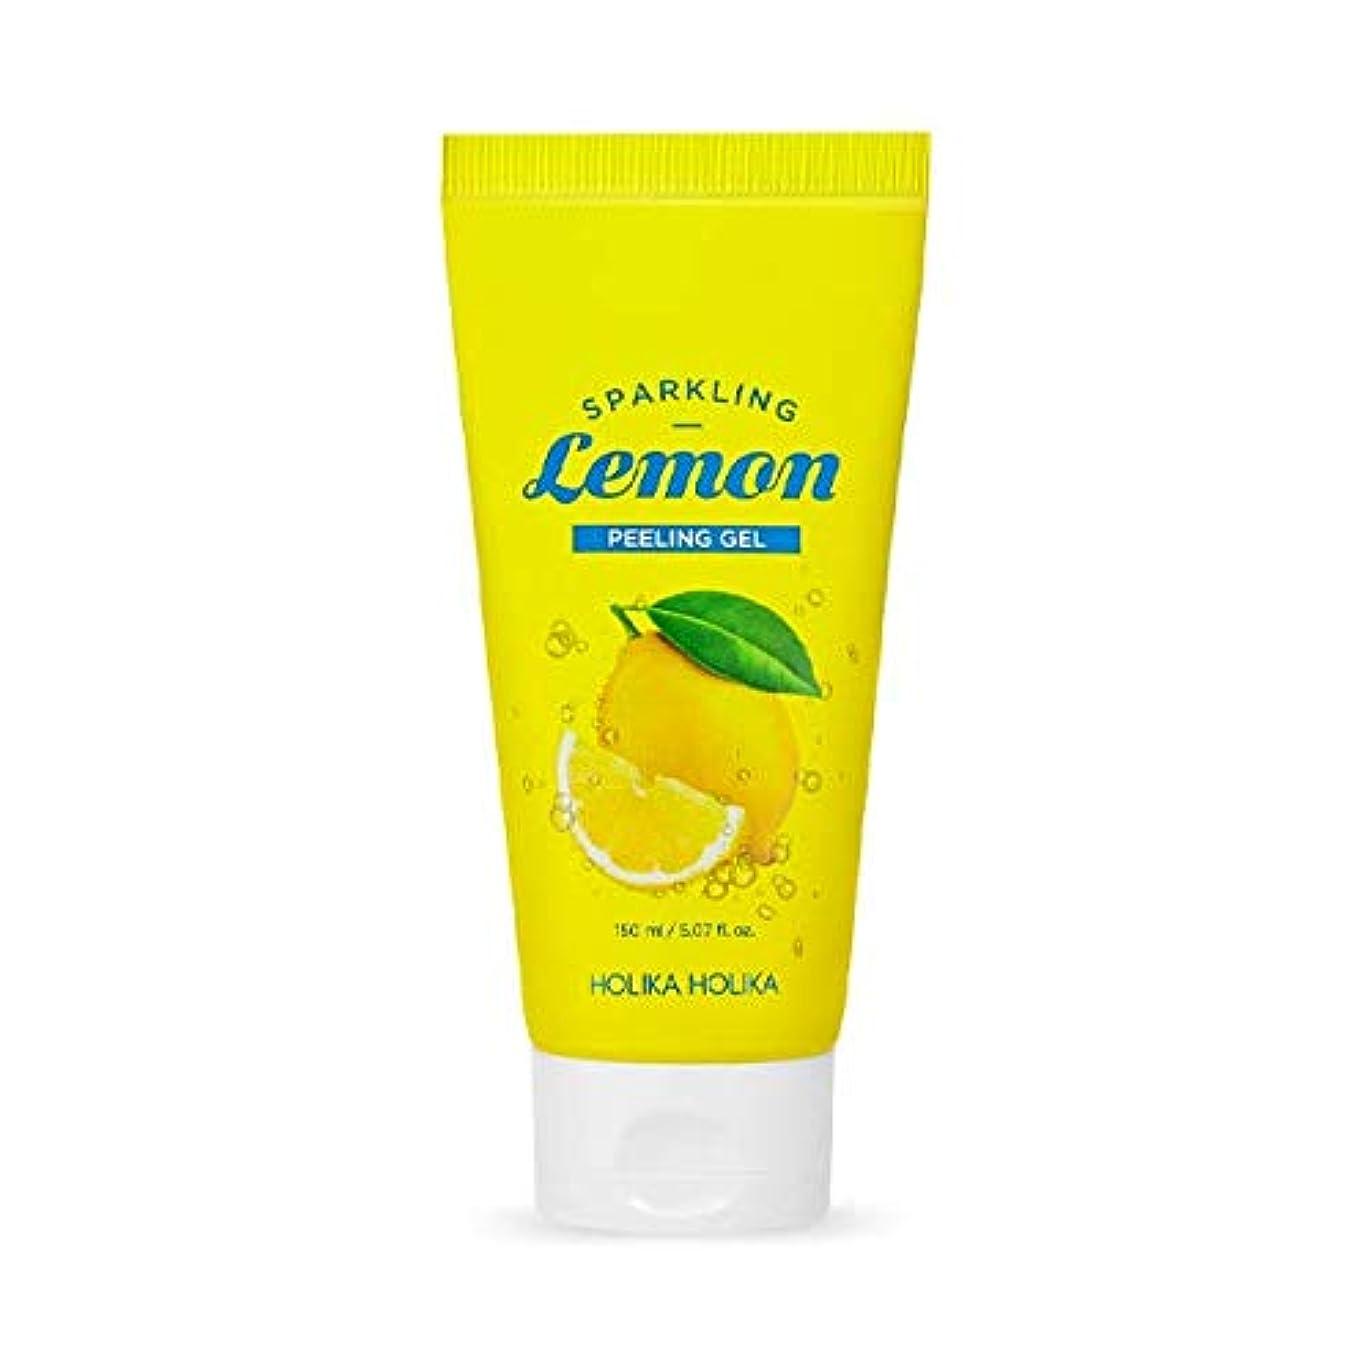 テラスく自慢ホリカホリカ 炭酸レモンピーリングジェル/HOLIKA Sparkling Lemon Peeling Gel 150ml 韓国コスメ [並行輸入品]